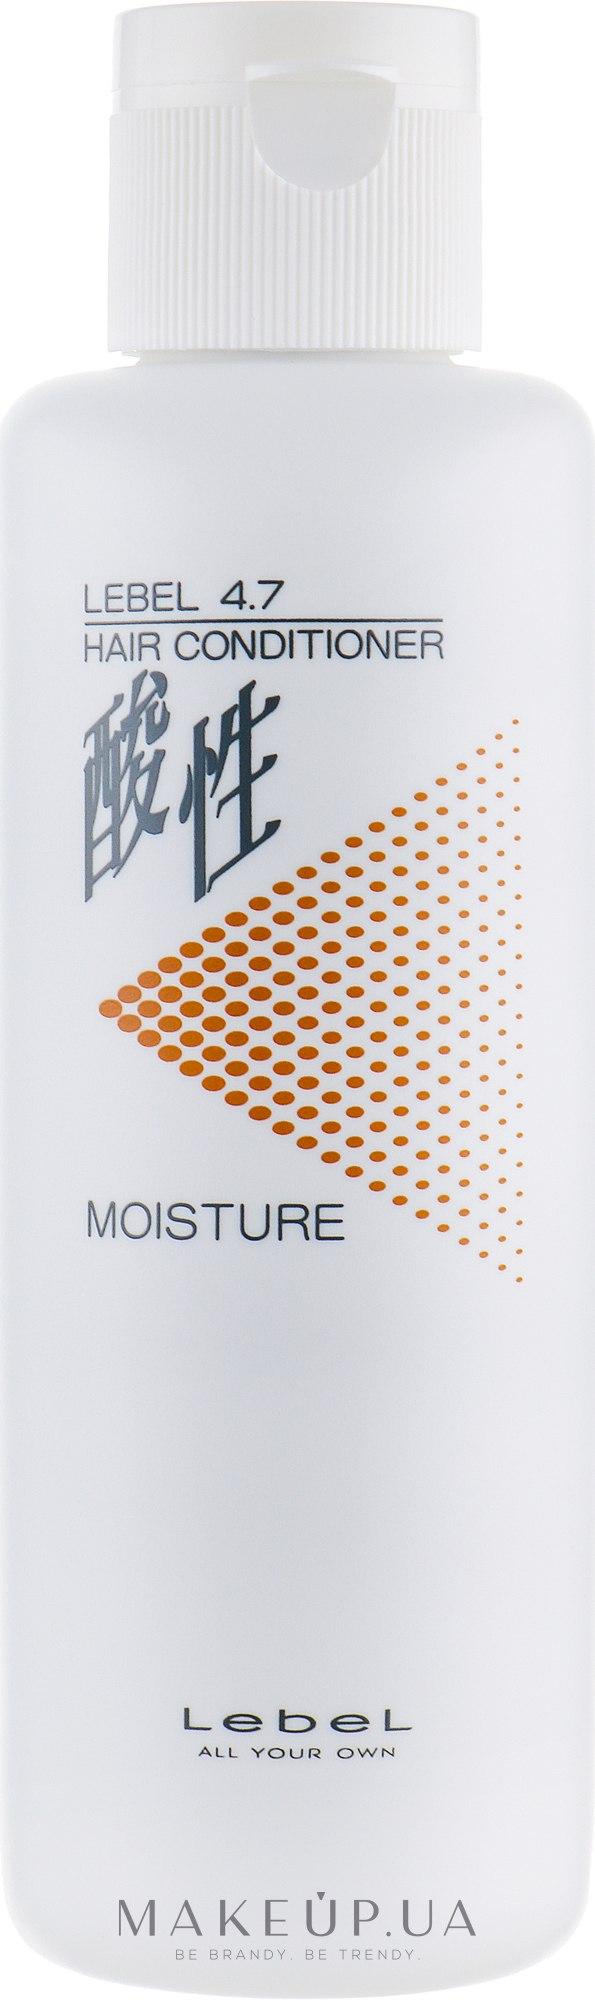 """Кондиционер для волос """"Жемчужный"""" - Lebel PH 4.7 Moisture Conditioner — фото 250ml"""